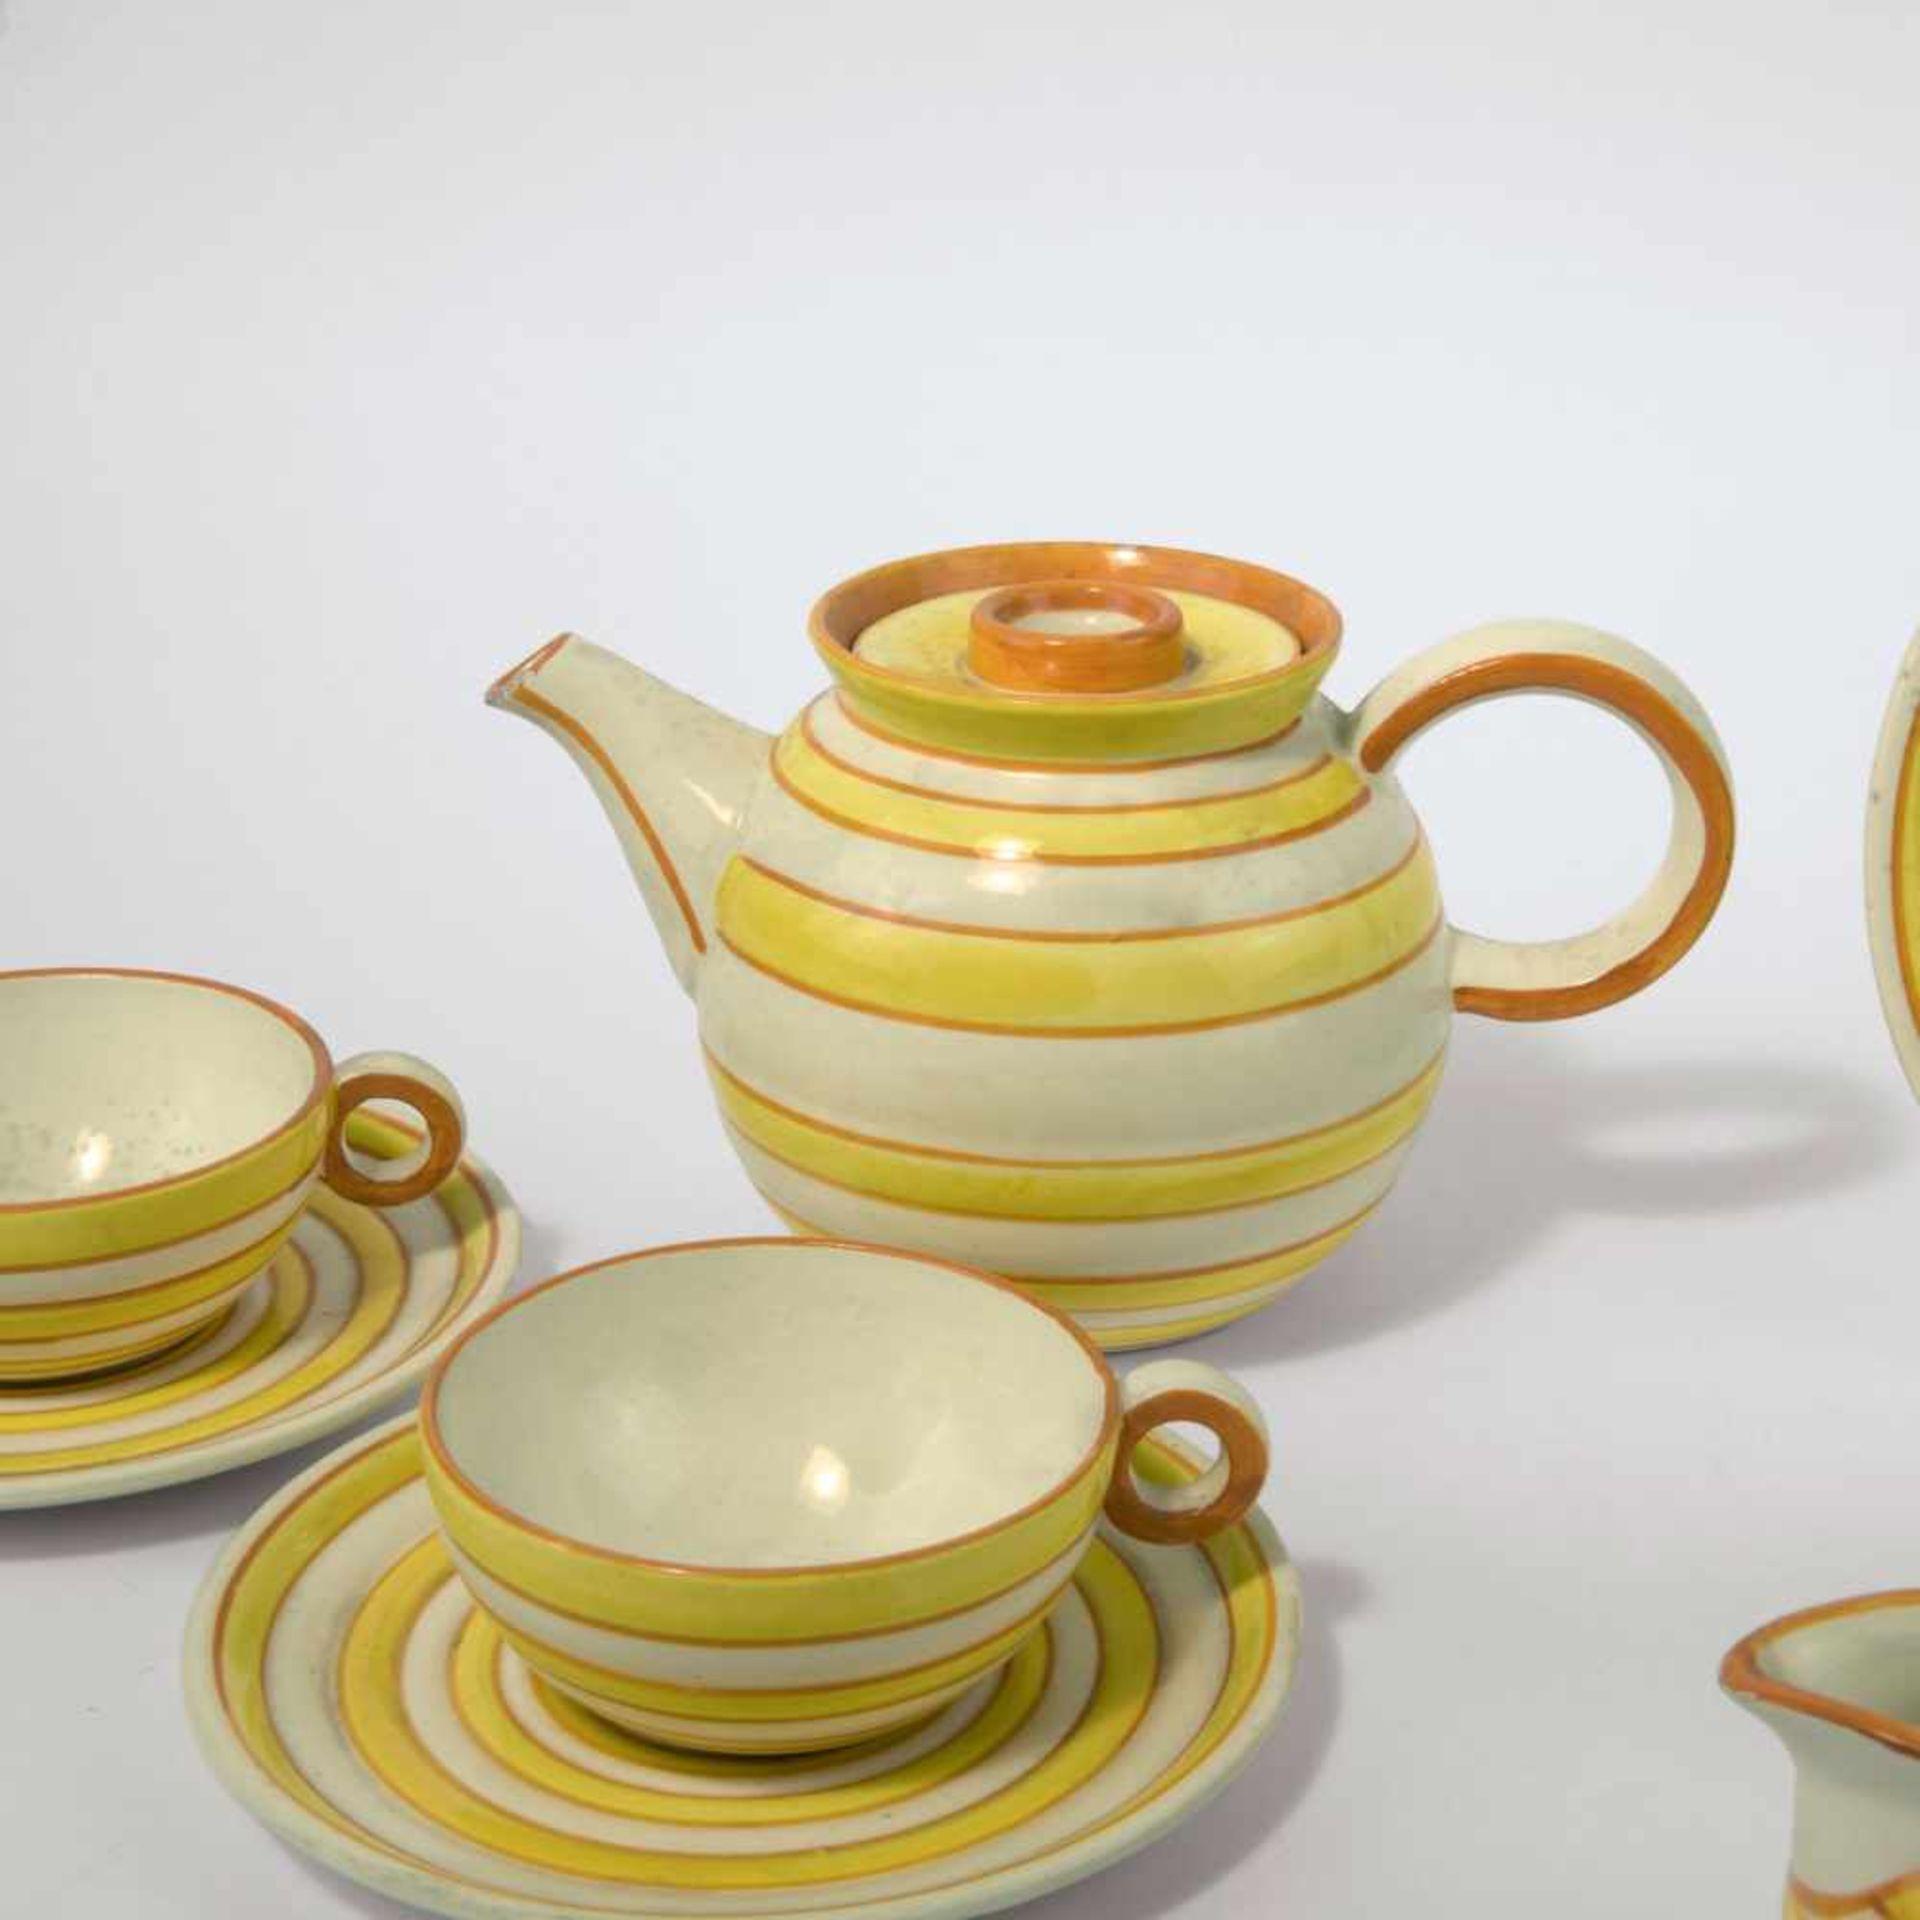 Eva Zeisel-Stricker Teeservice, um 1928 Sechs Teile. Teekanne: H. 12,7 cm; Milchkanne: H. 7,5 cm; - Bild 6 aus 6